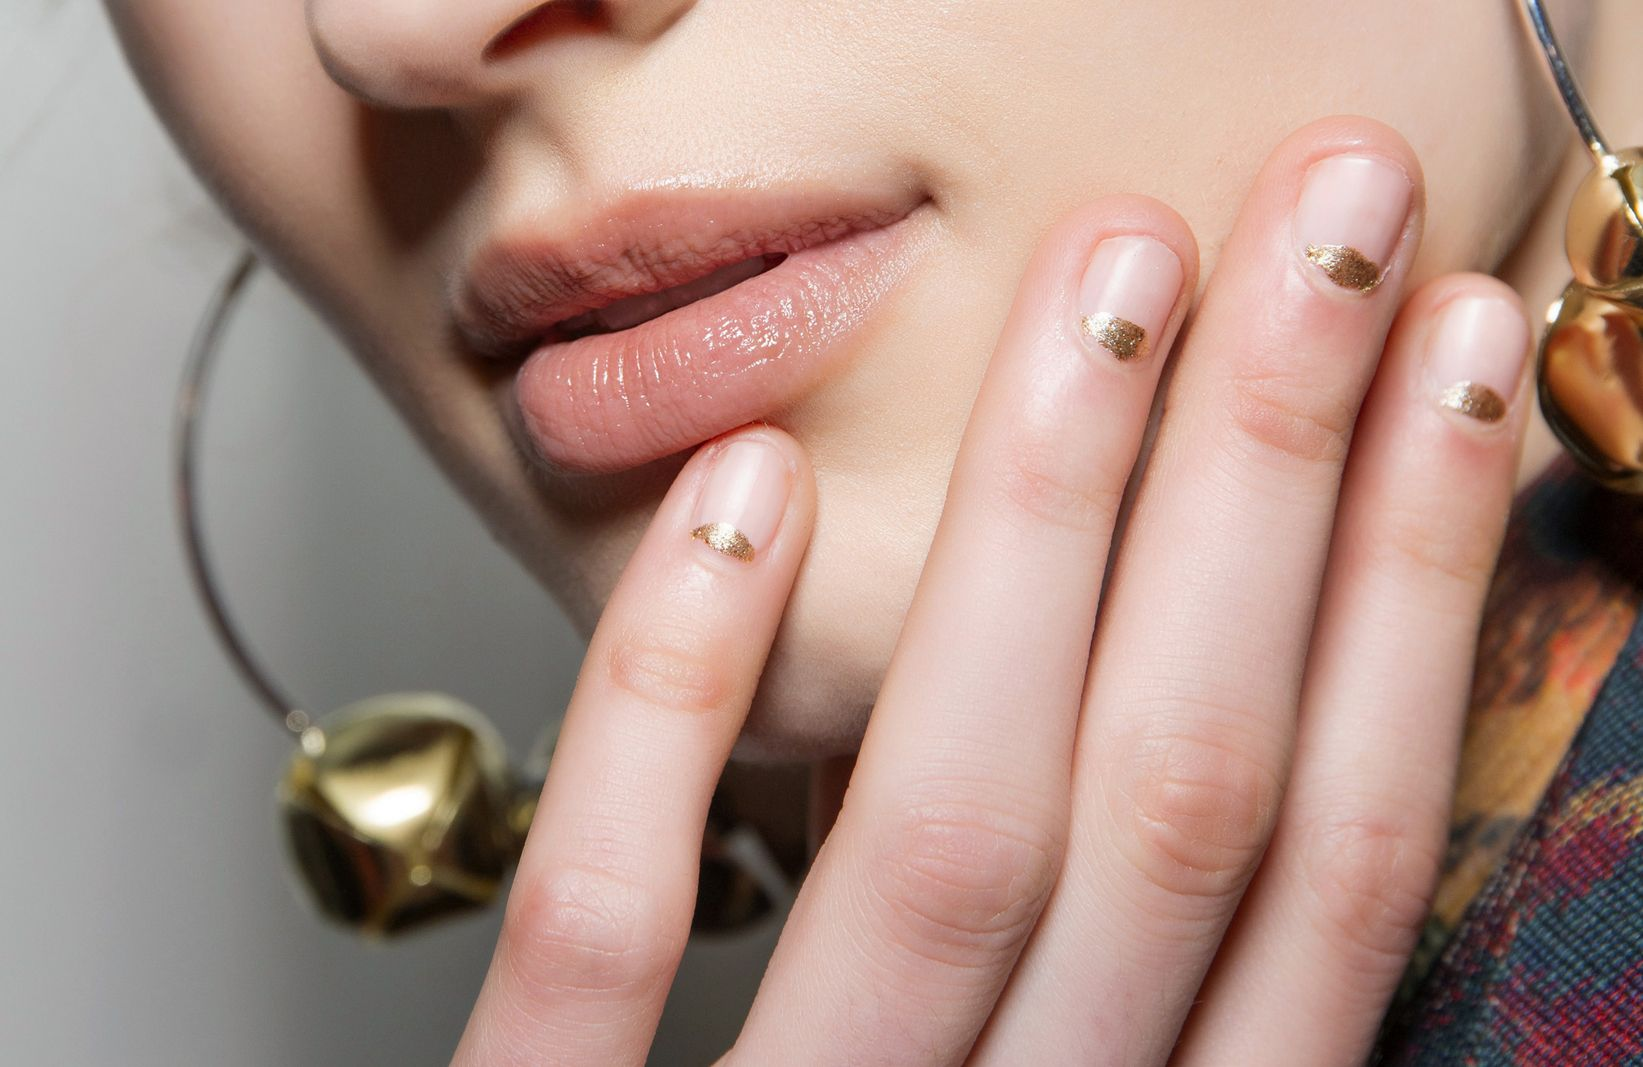 Molto 7 alternative per unghie gel moda inverno 2020 di lunga durata FM46